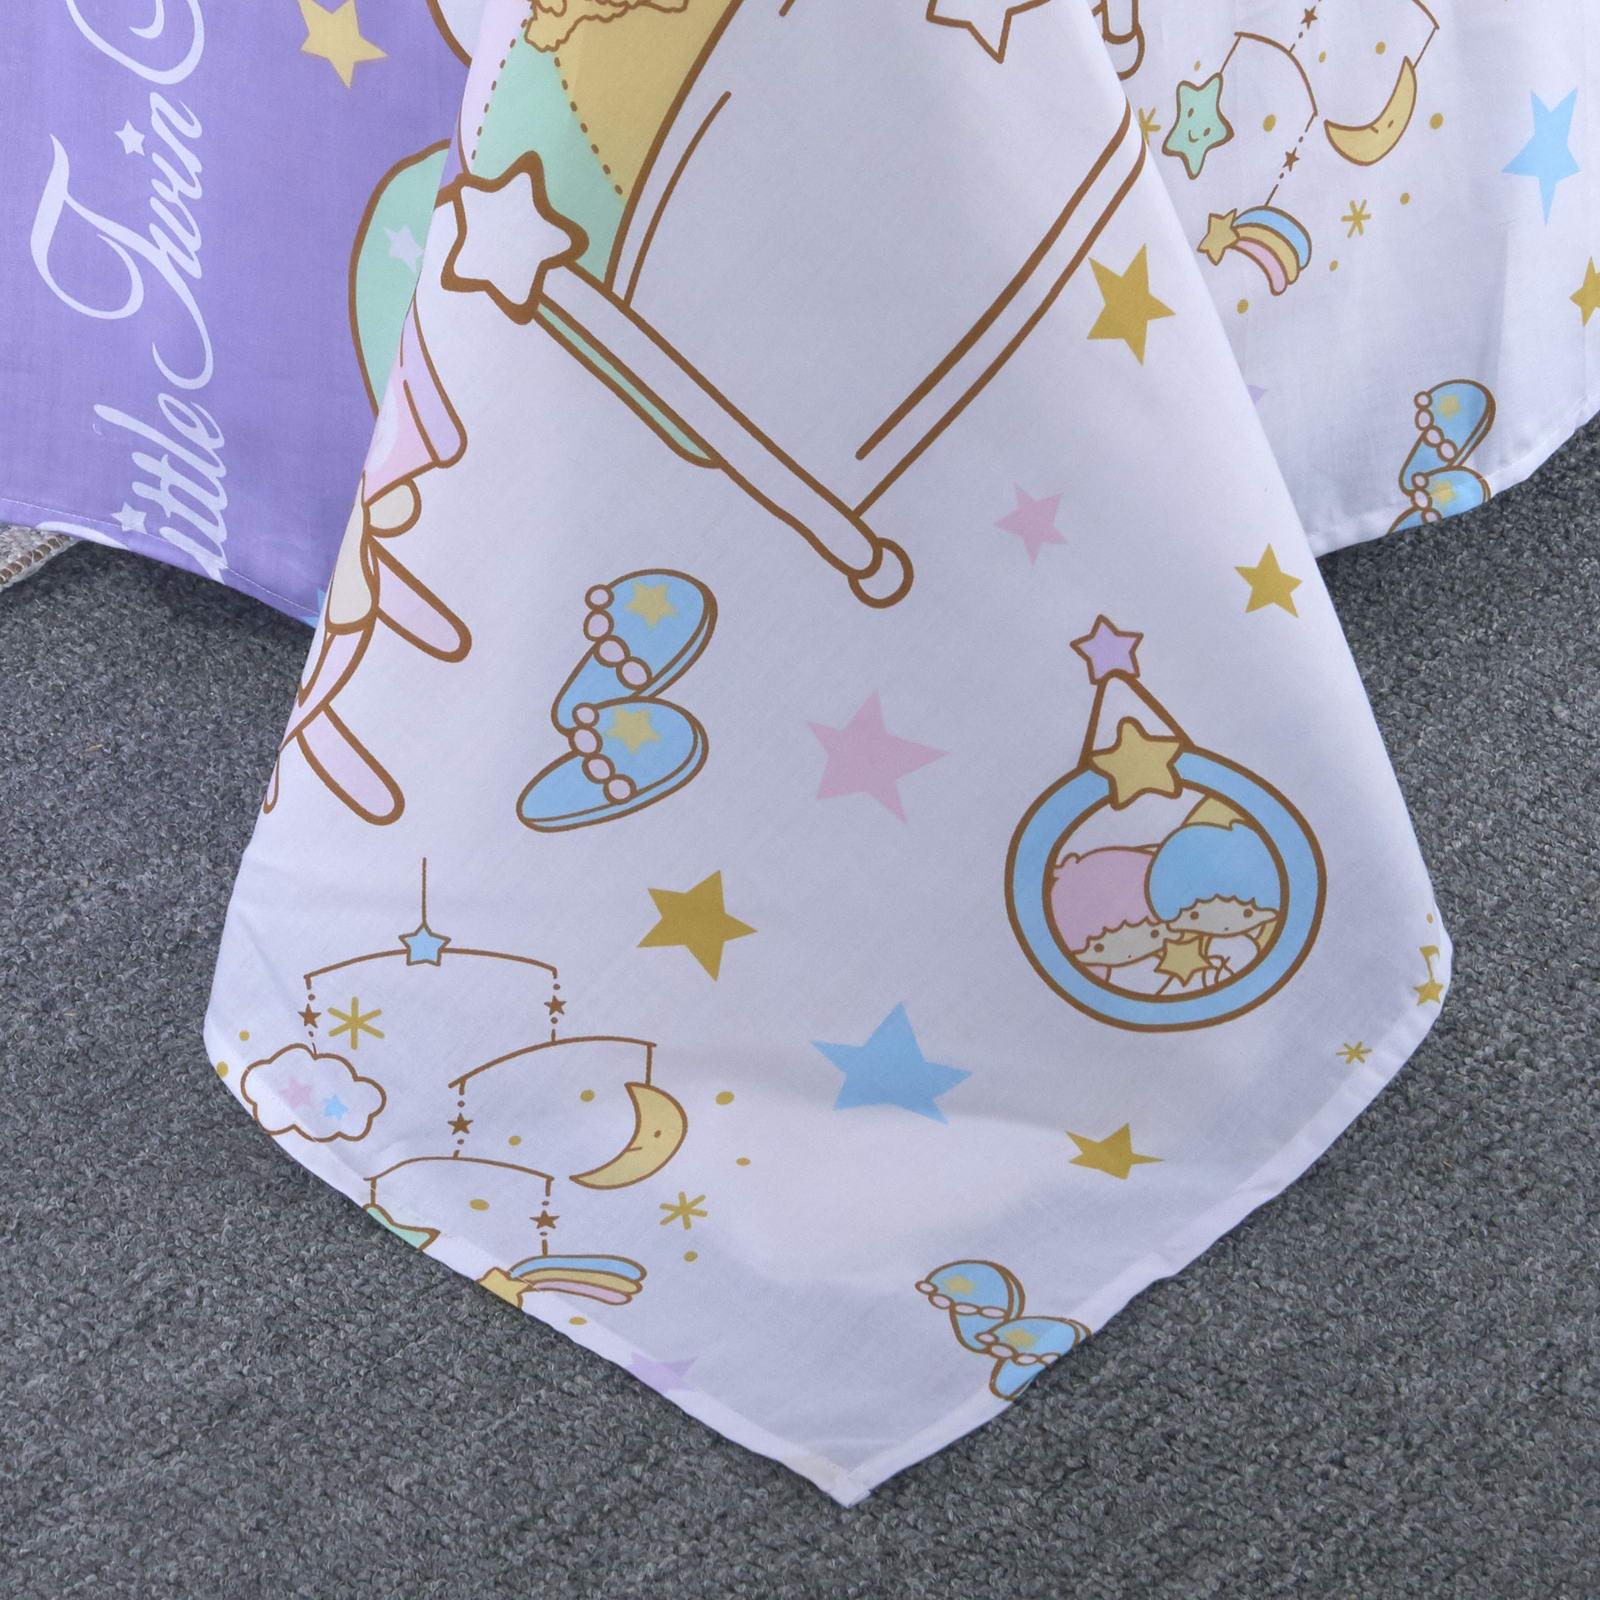 Детский комплект постельного белья Sofi de Marko Малеькие принцессы Дет541 сиреневый 15 сп Sofi de Marko